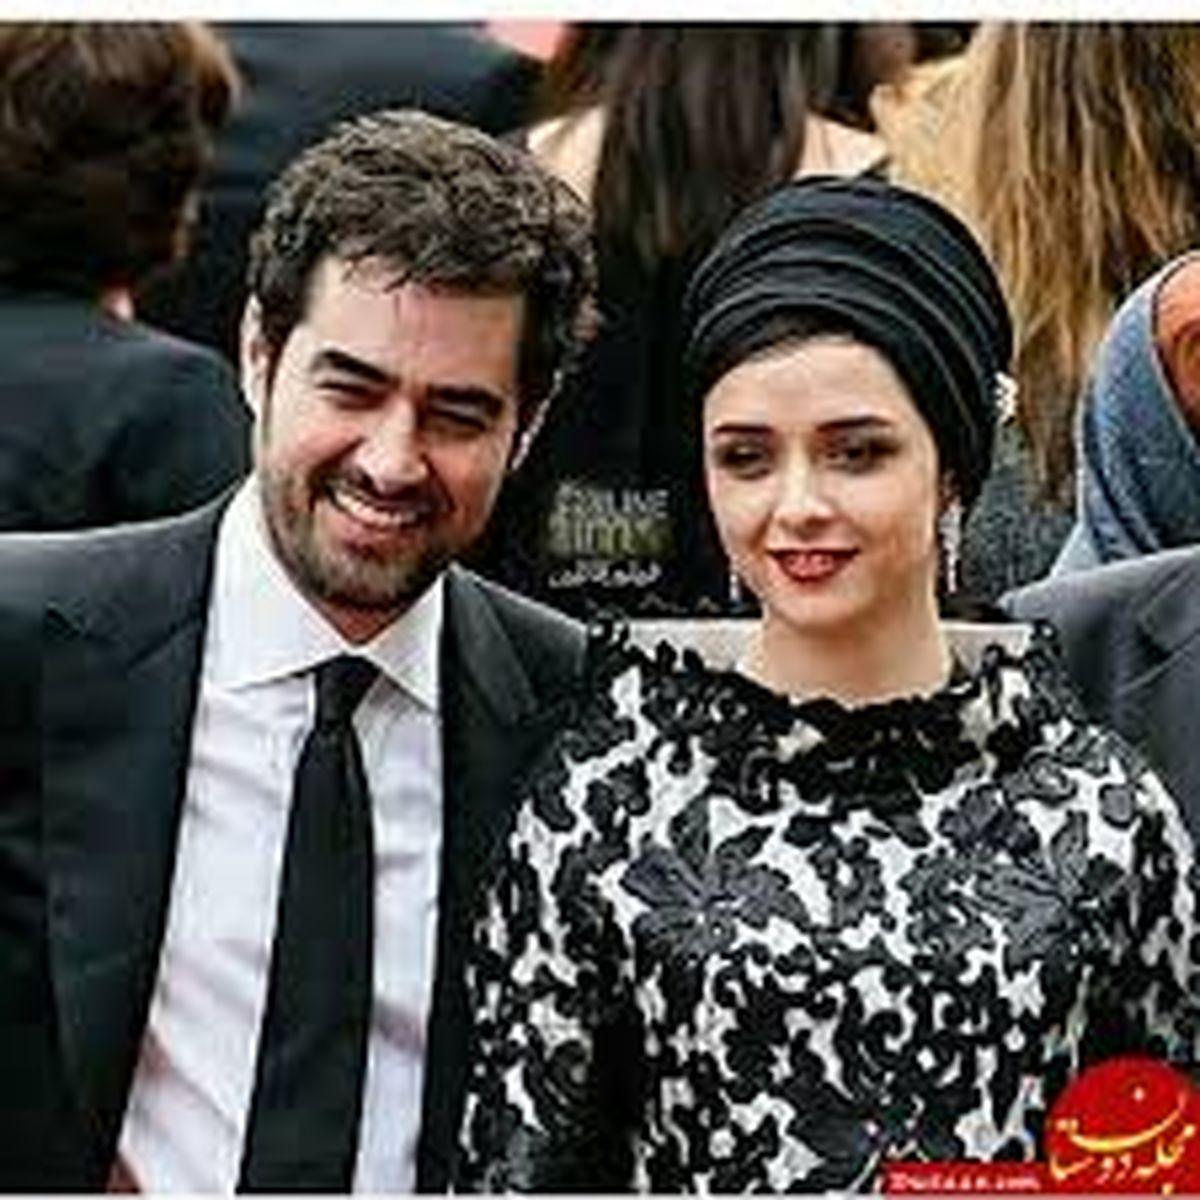 شهاب حسینی در اغوش یک خانم در ترکیه + عکس